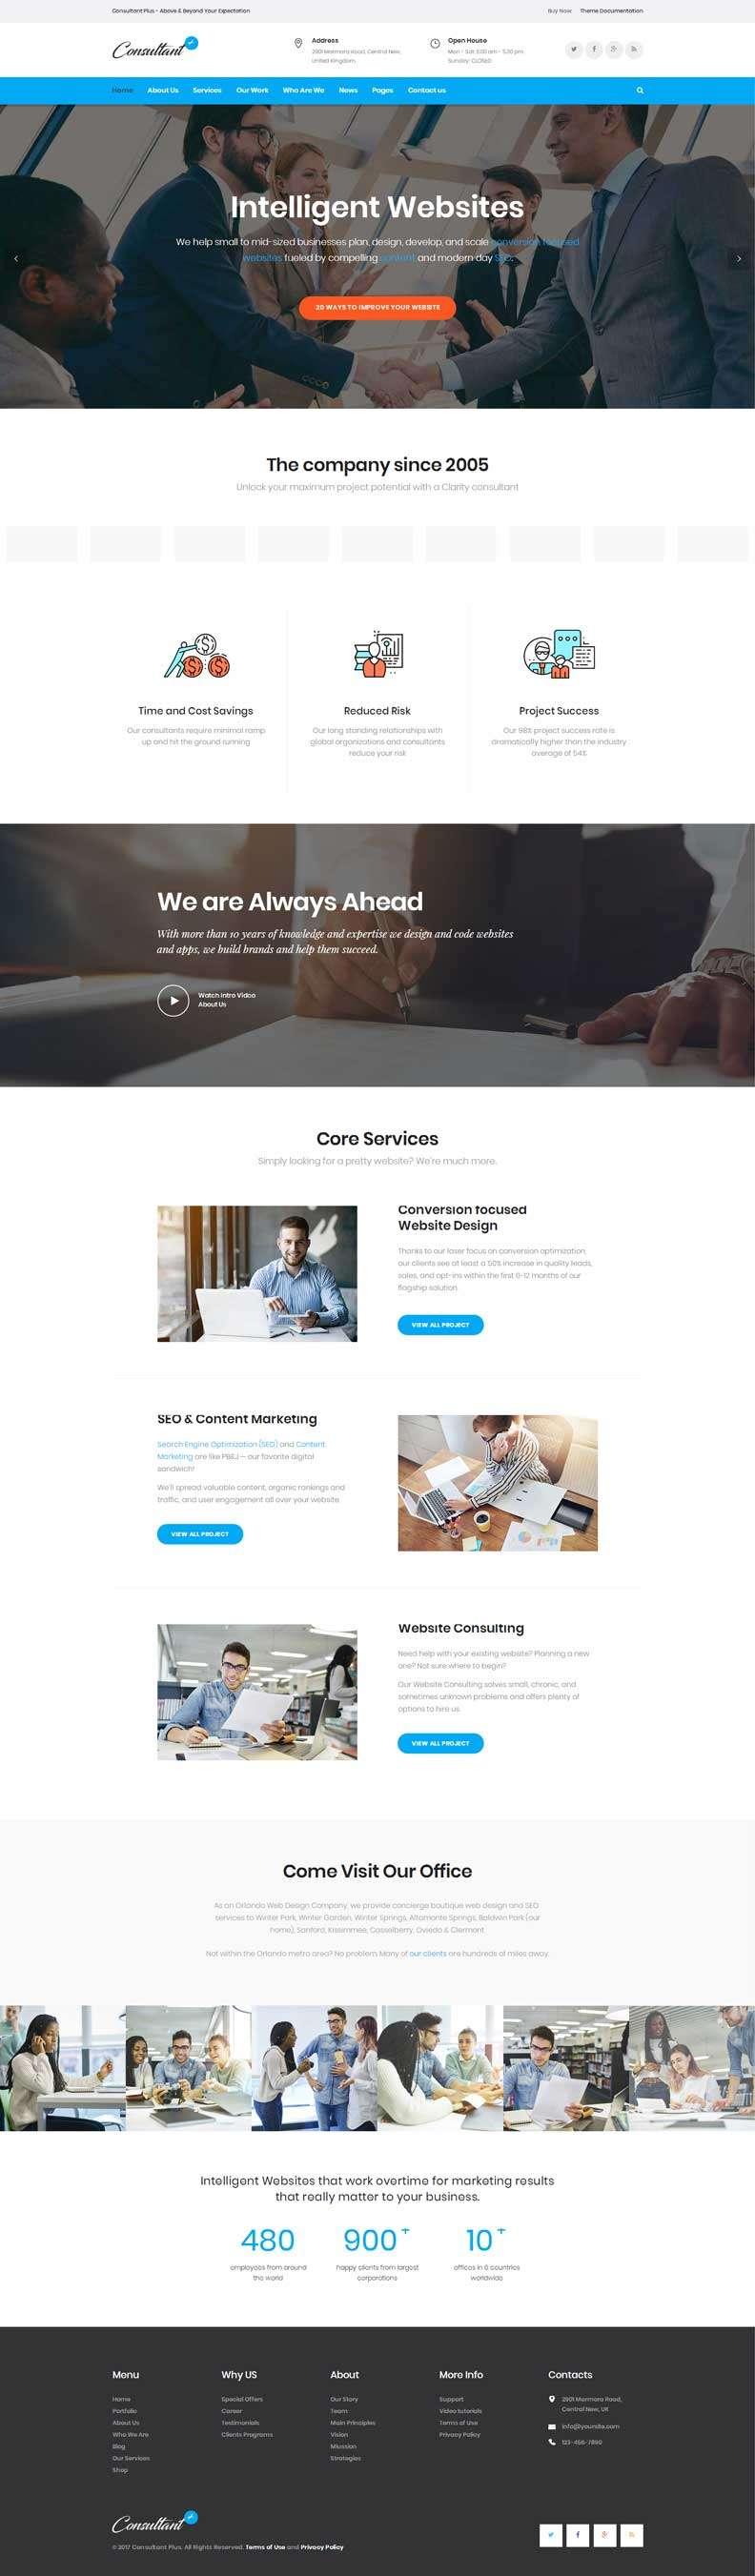 蓝色大气的金融商务服务公司网站模板